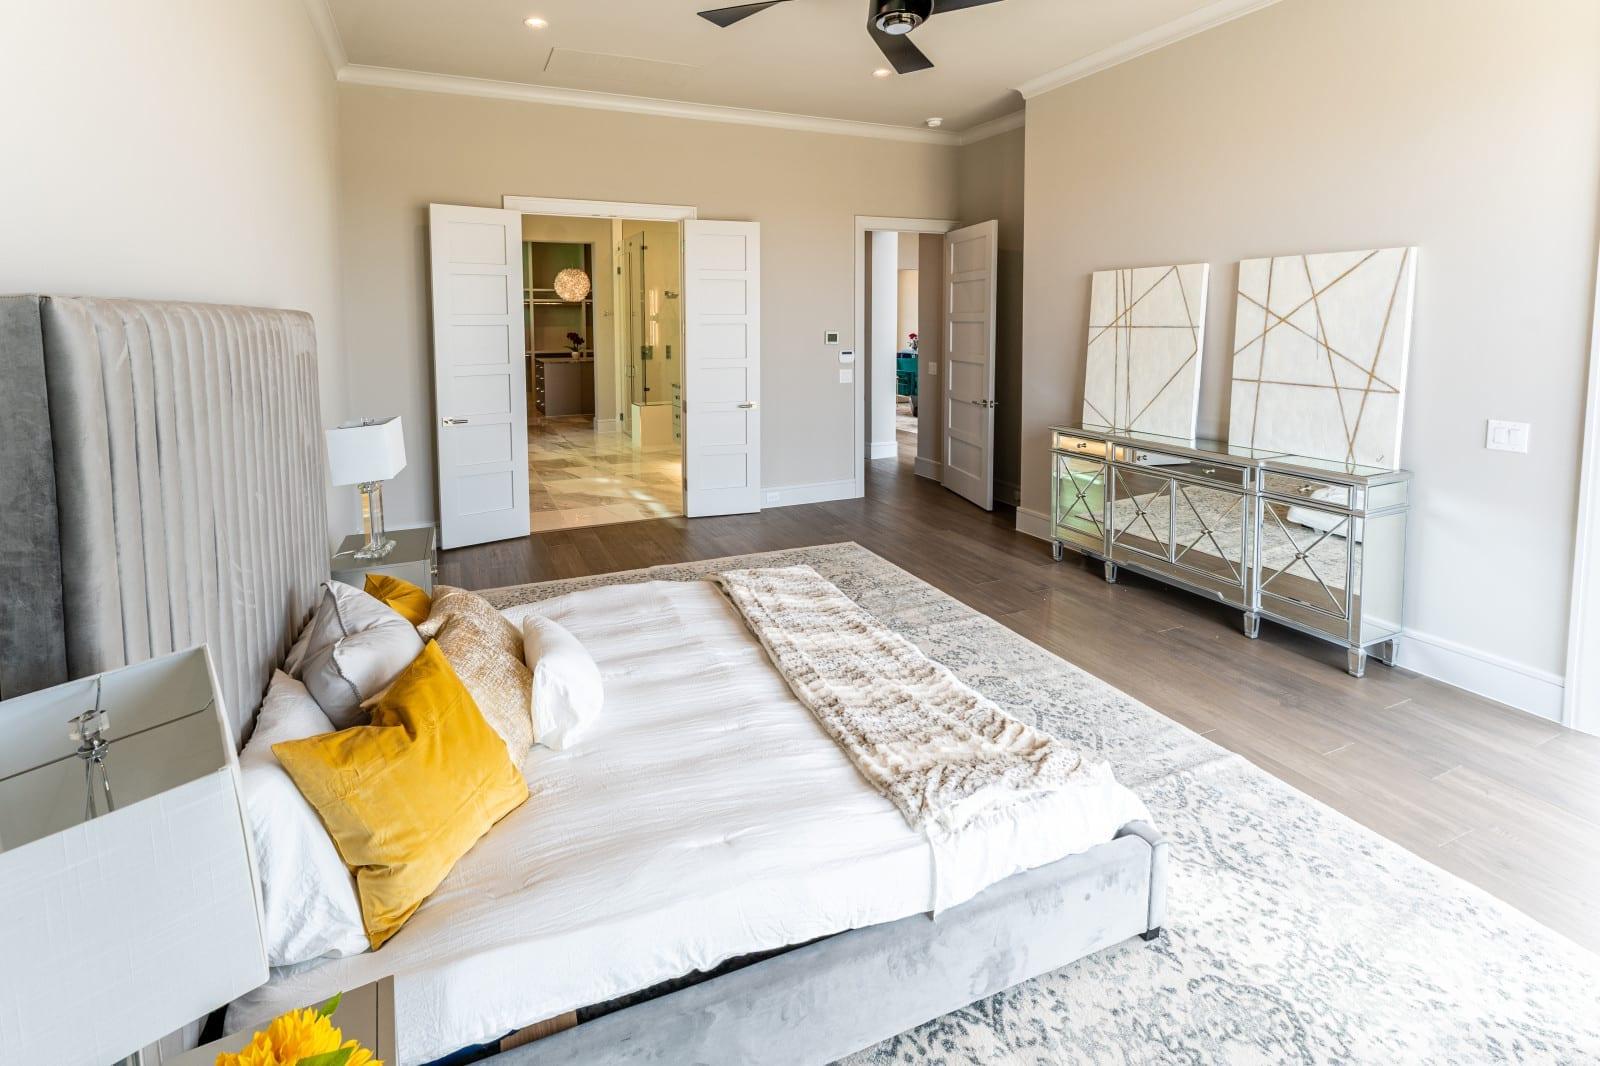 modern home design 20 - Millennial Design + Build